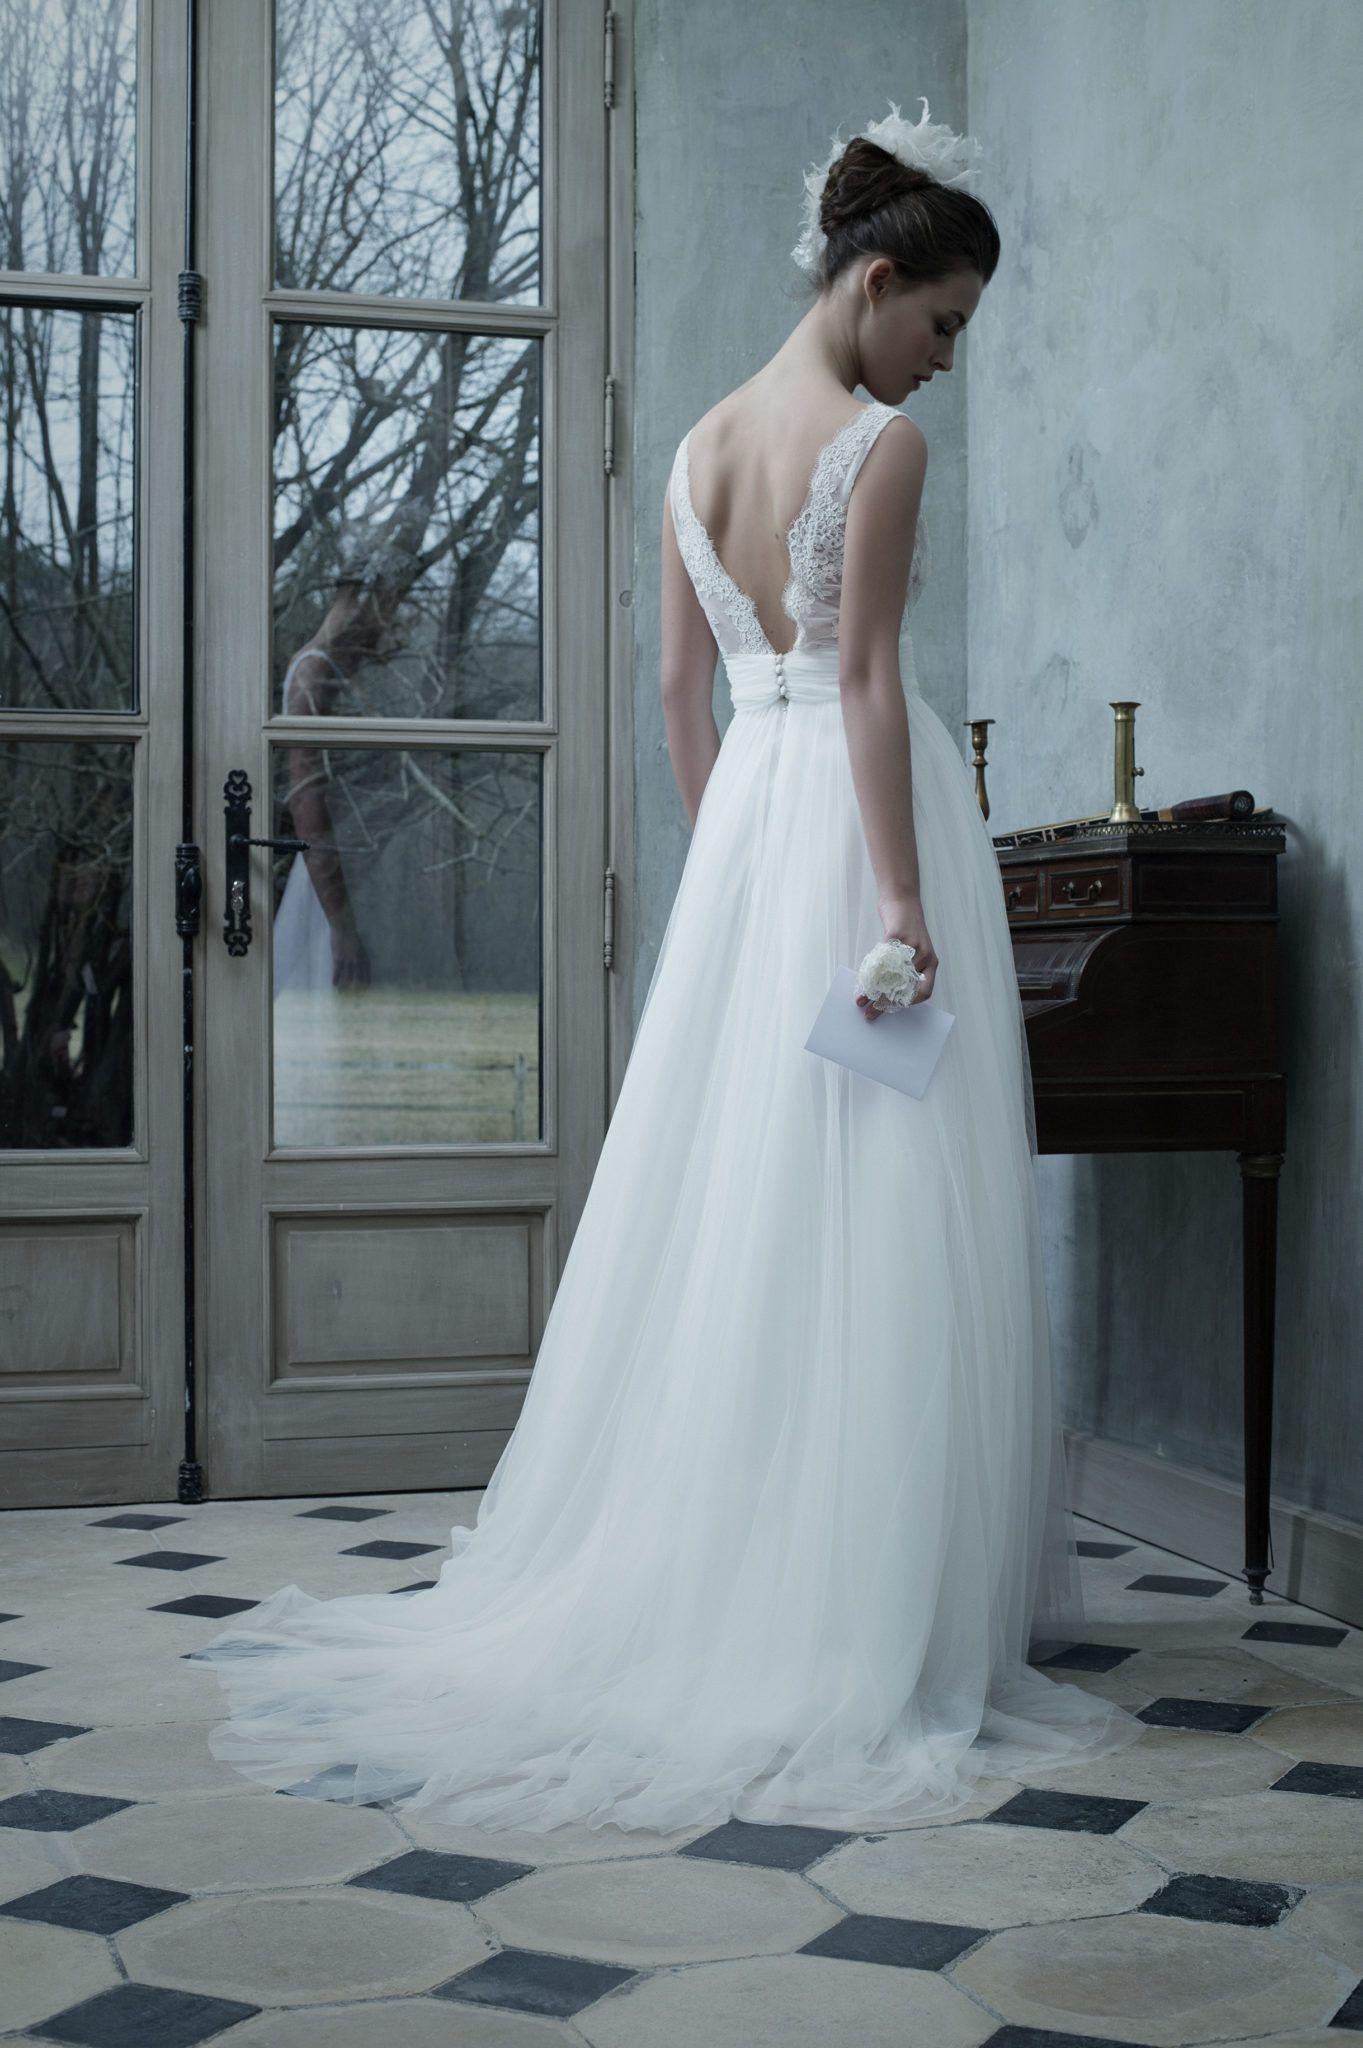 Robe Belen | Robe, Wedding and Wedding dress